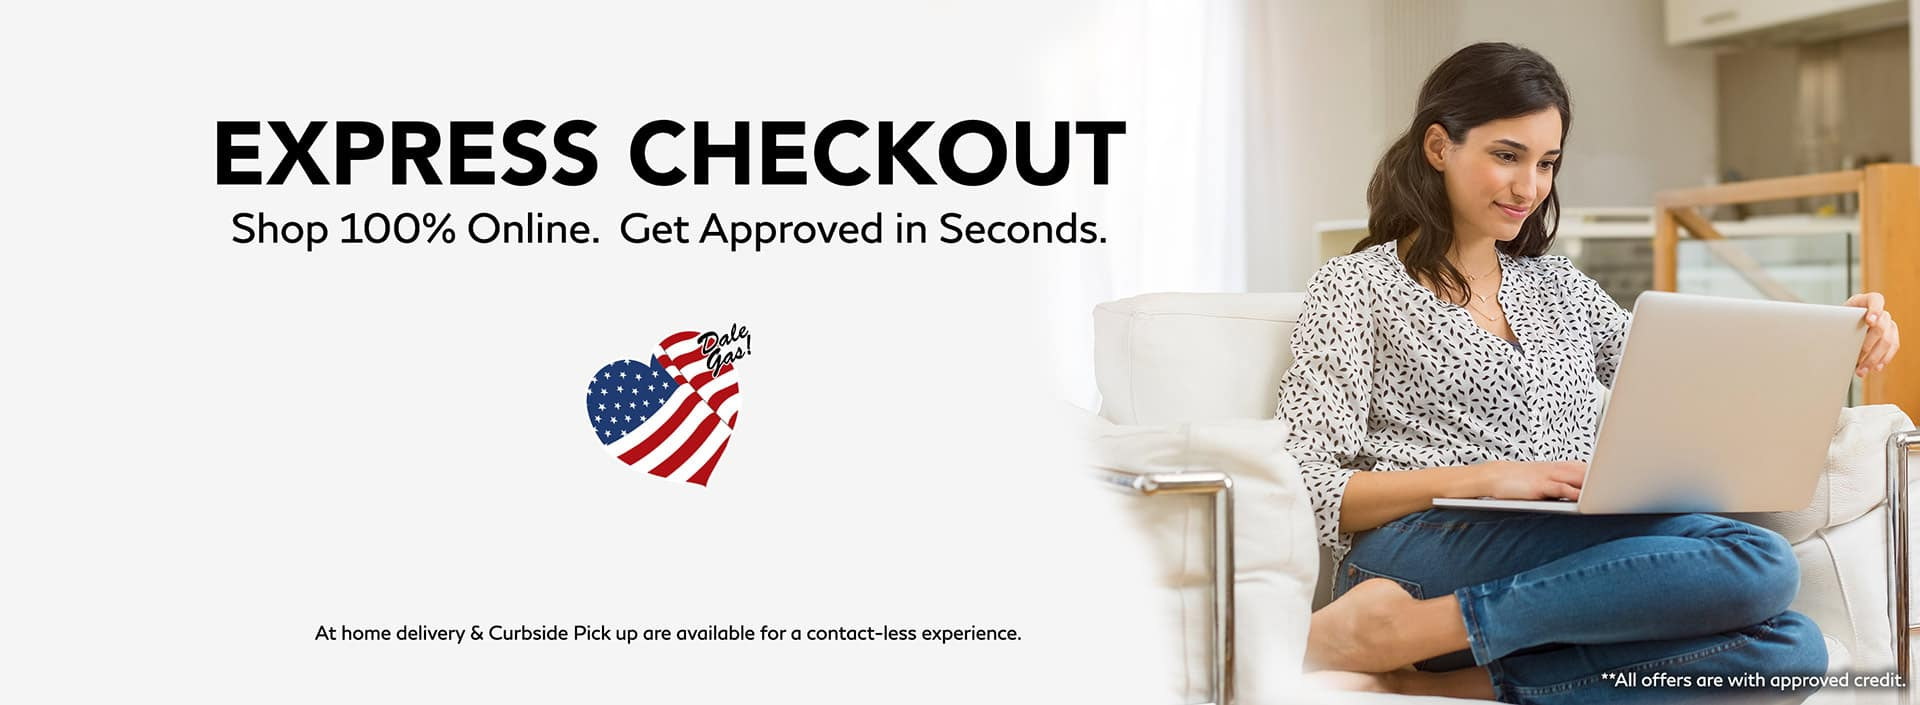 Express_Checkout_001_1920X705